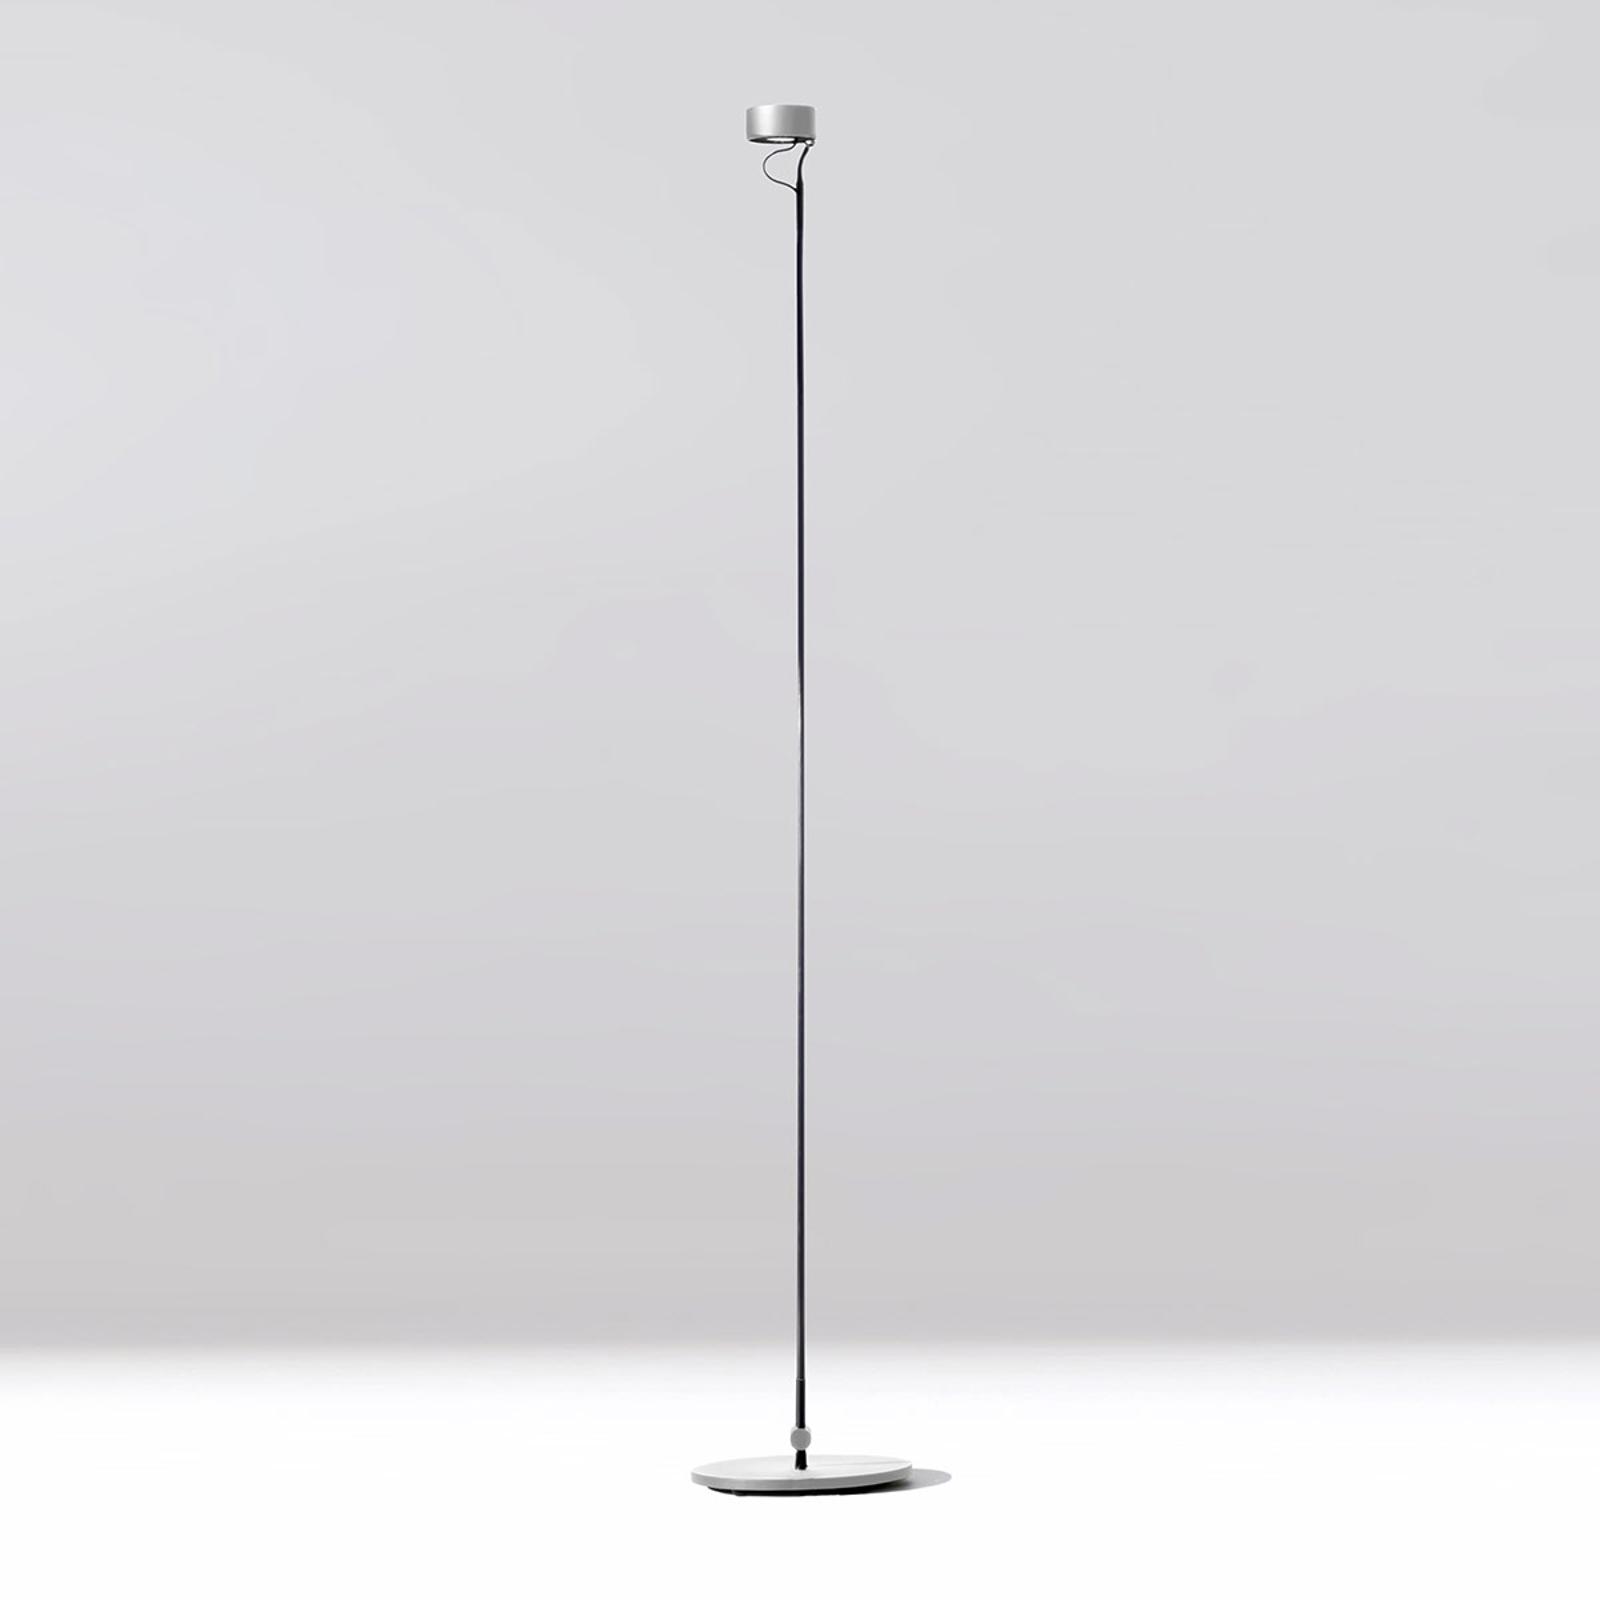 Lampa stojąca LED Basica 930 B elastyczna, srebrna